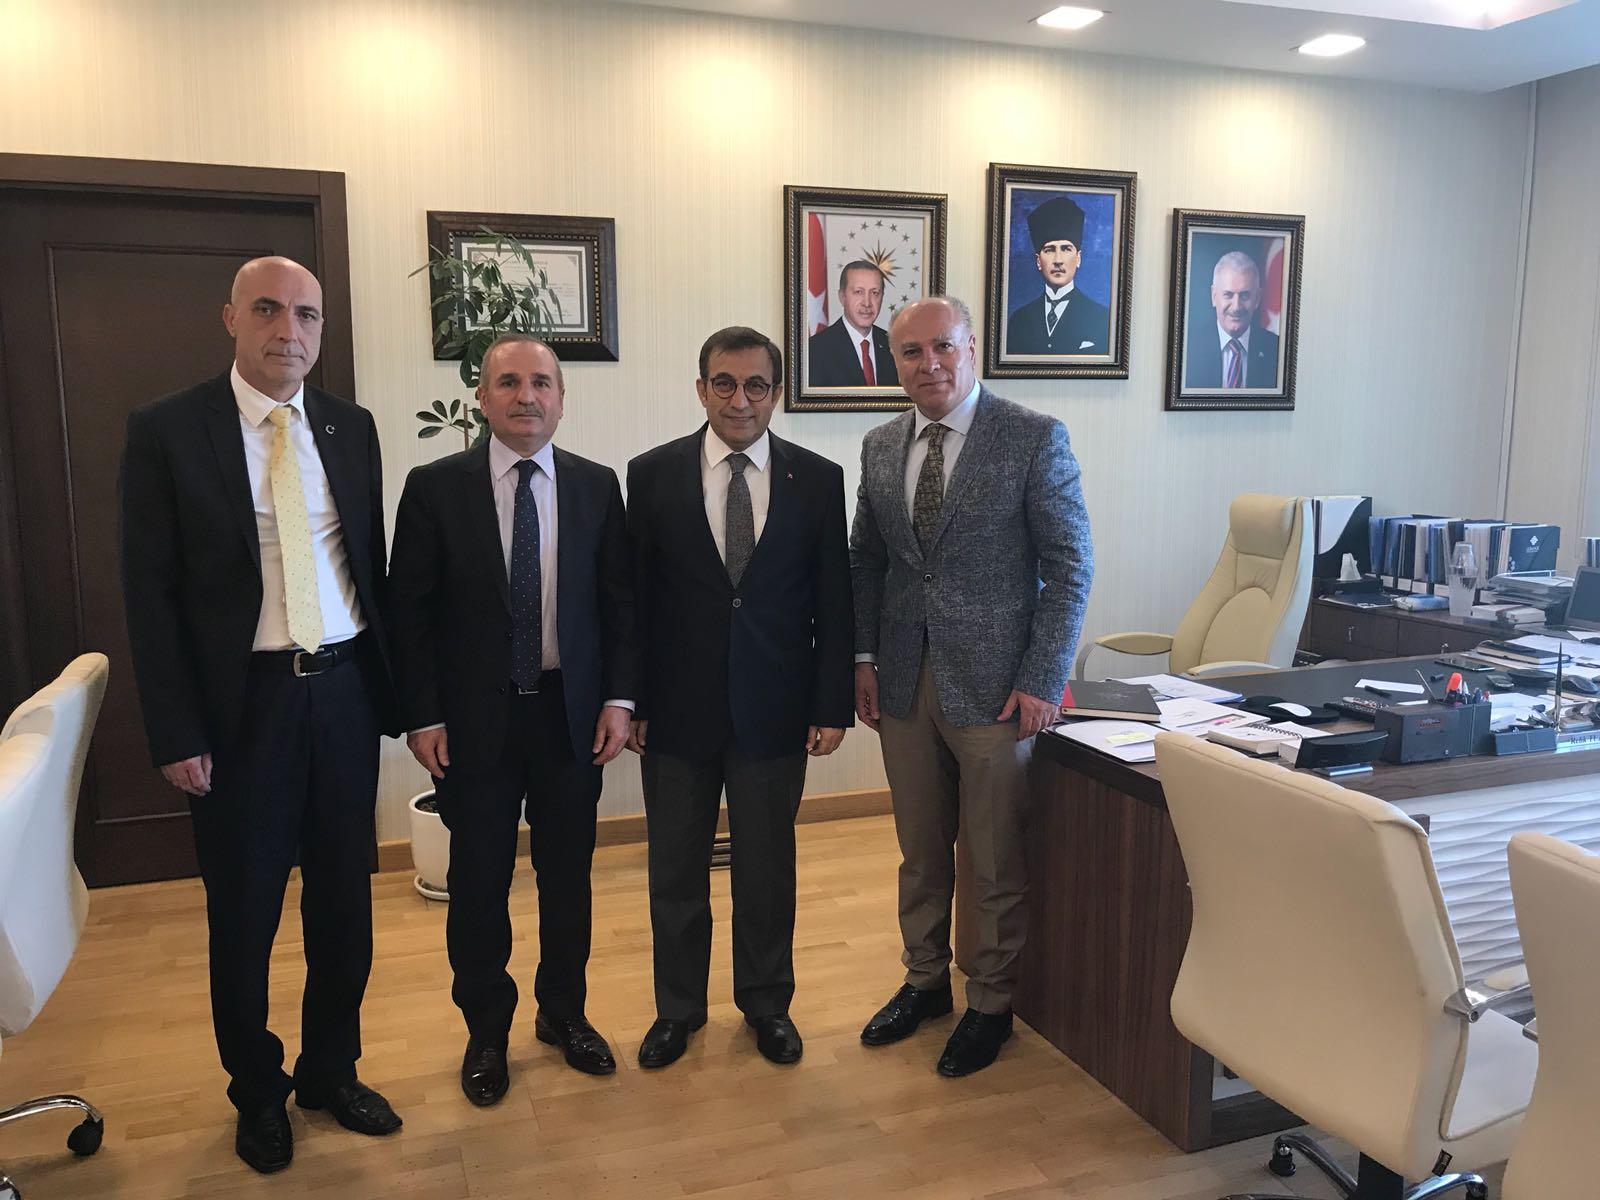 Genel Başkanımız Salih Demir, Genel Başkan Yardımcımız Etem Yaşar Yılmaz ve Ankara 3 Nolu Şube Başkanımız Ali Can ile birlikte Çevre ve Şehircilik Bakanlığı Müsteşar Yardımcısı Refik Tuzcuoğlu'nu ziyaret etti.